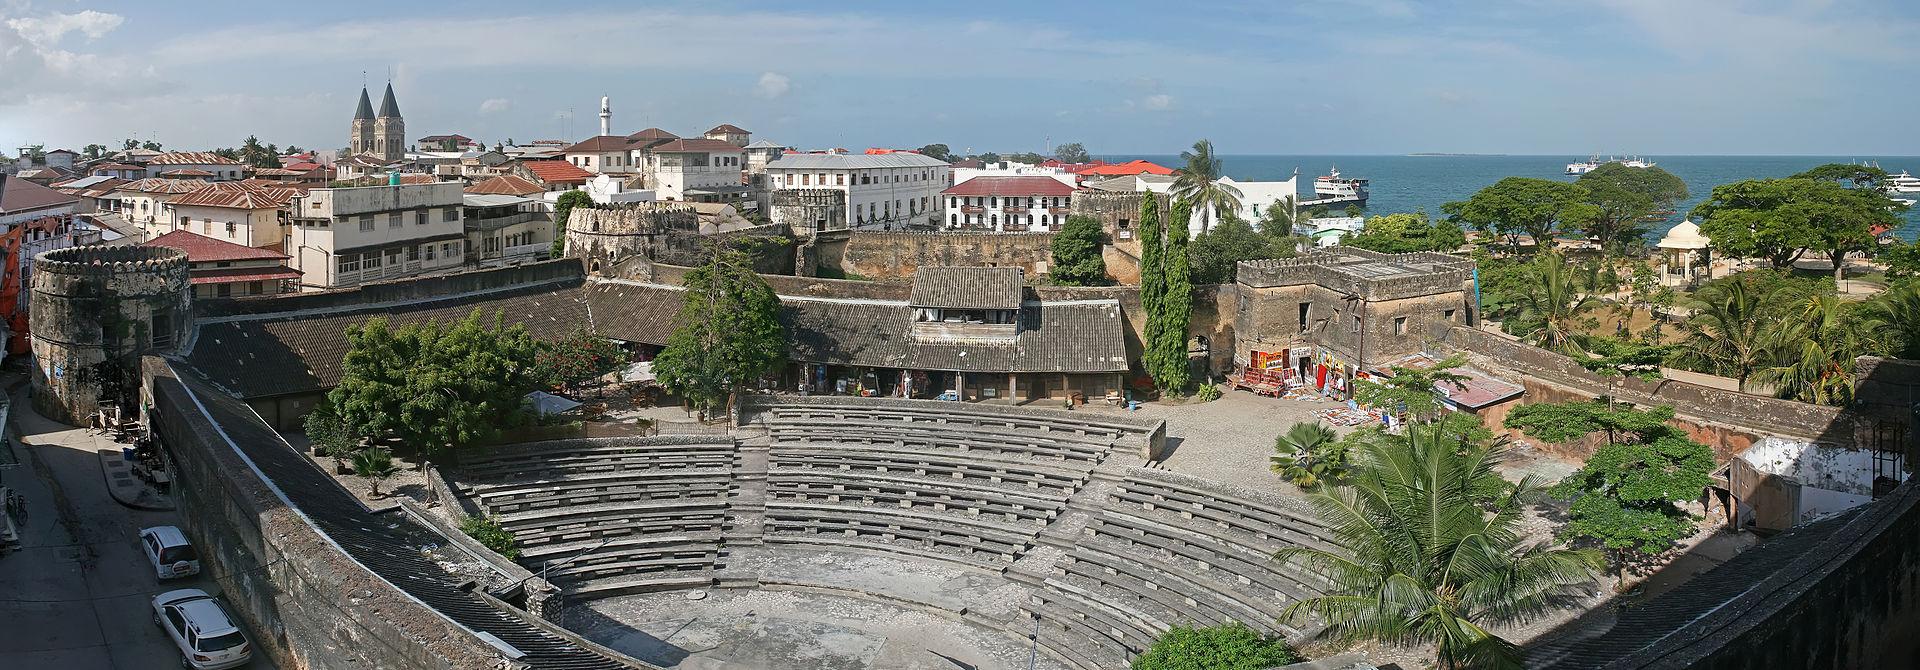 The Arab Fort, Zanzibar - Things to Do in Zanzibar